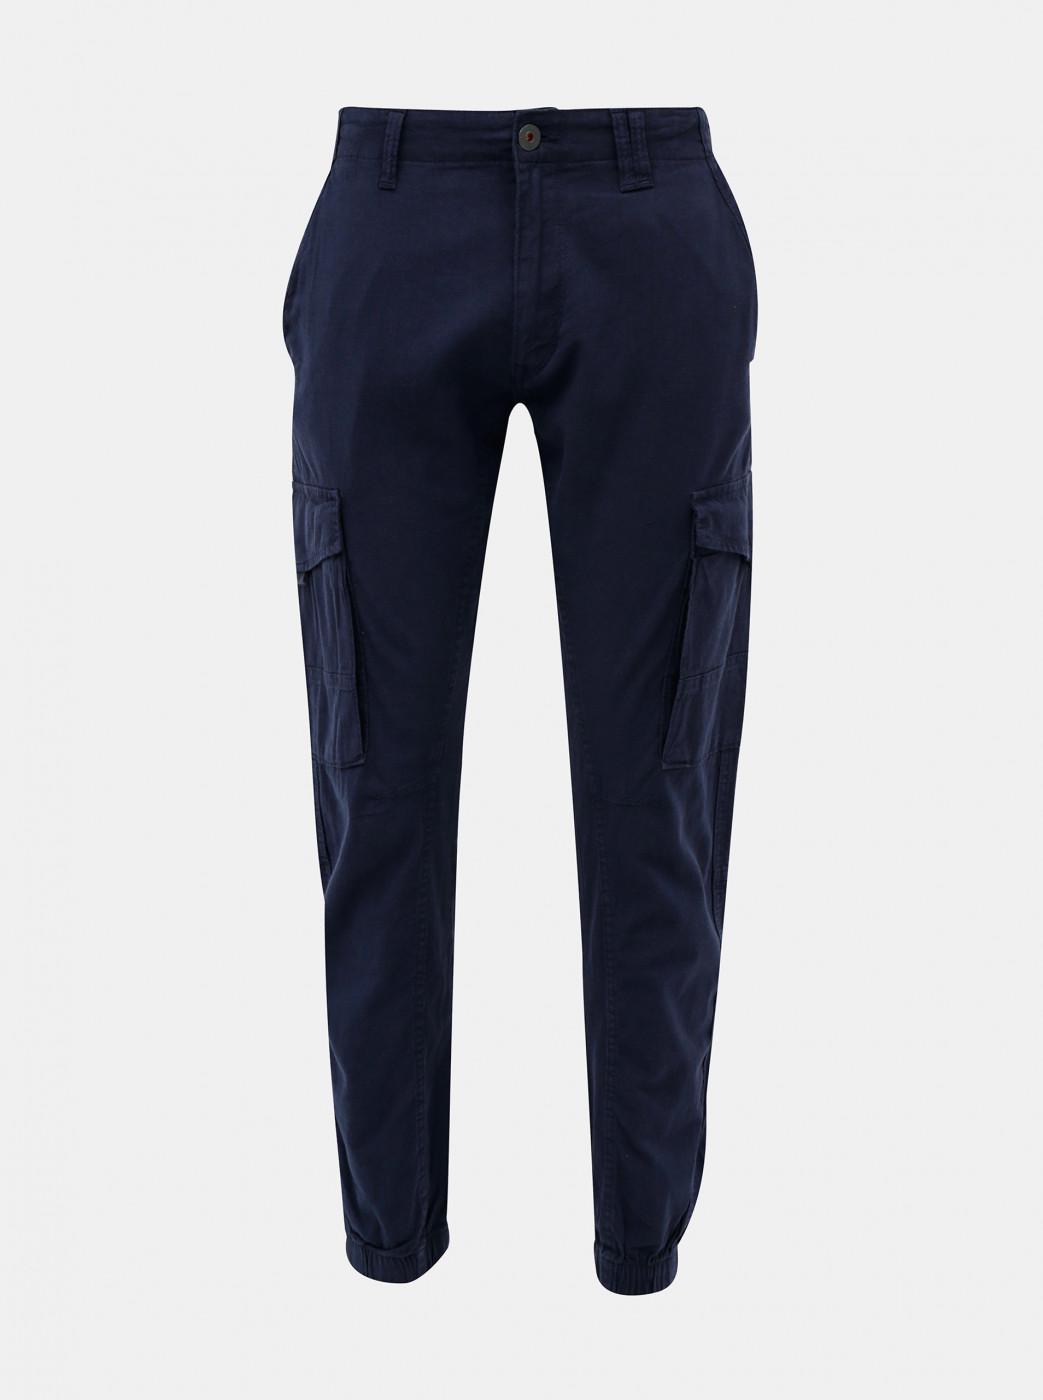 Dark blue trousers with flax flax flax Jack & Jones Paul